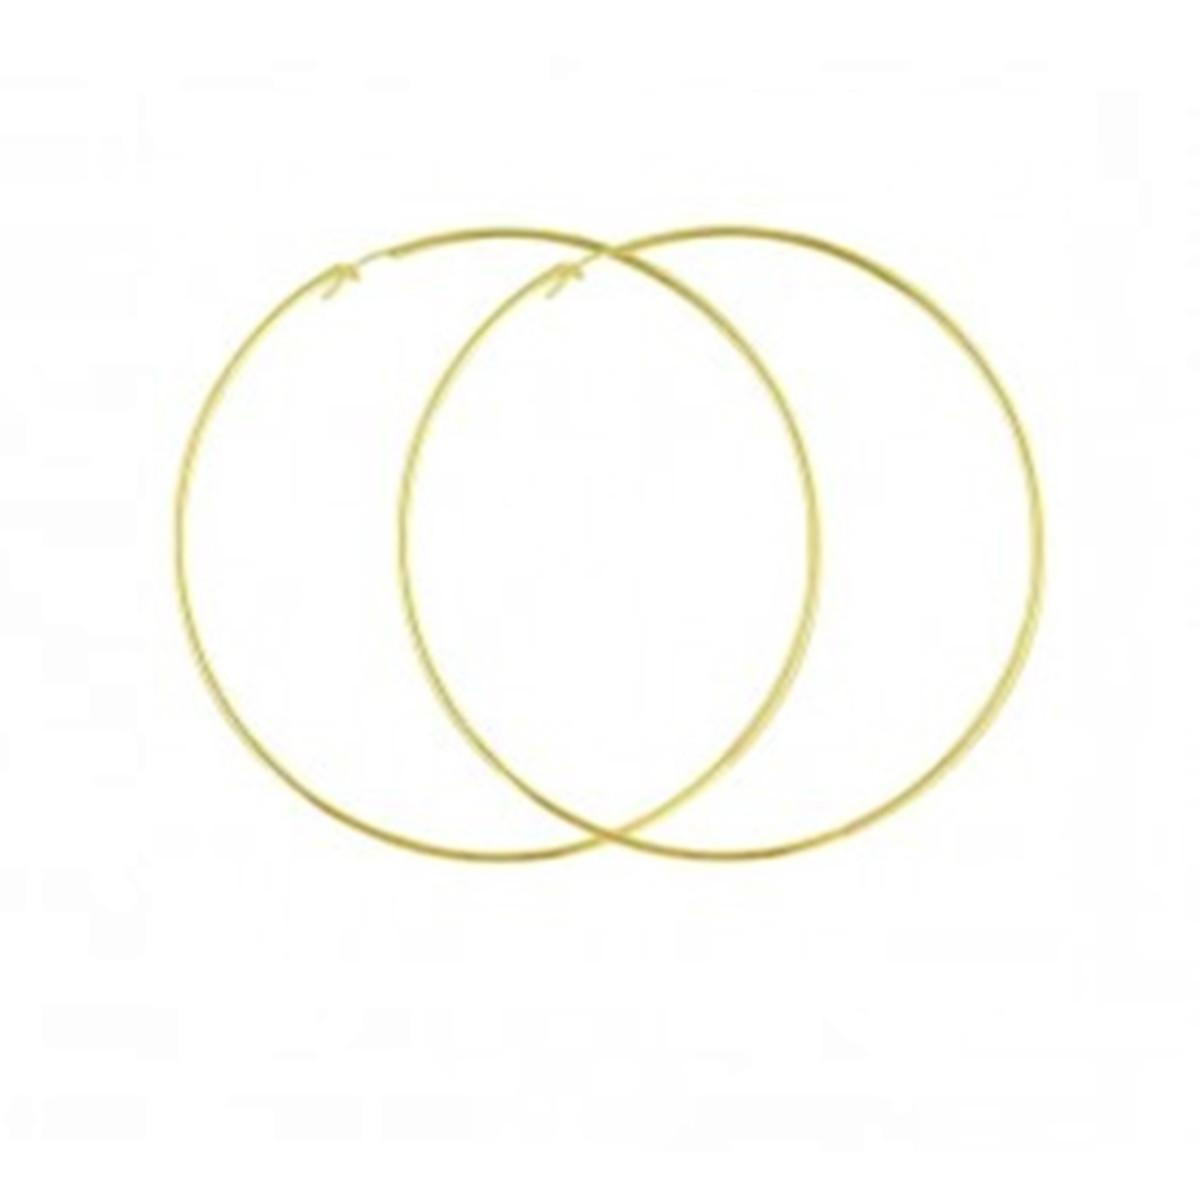 Brinco argola extra grande Folheado a ouro 18 k no Elo7   Águas ... 292ab3e50b